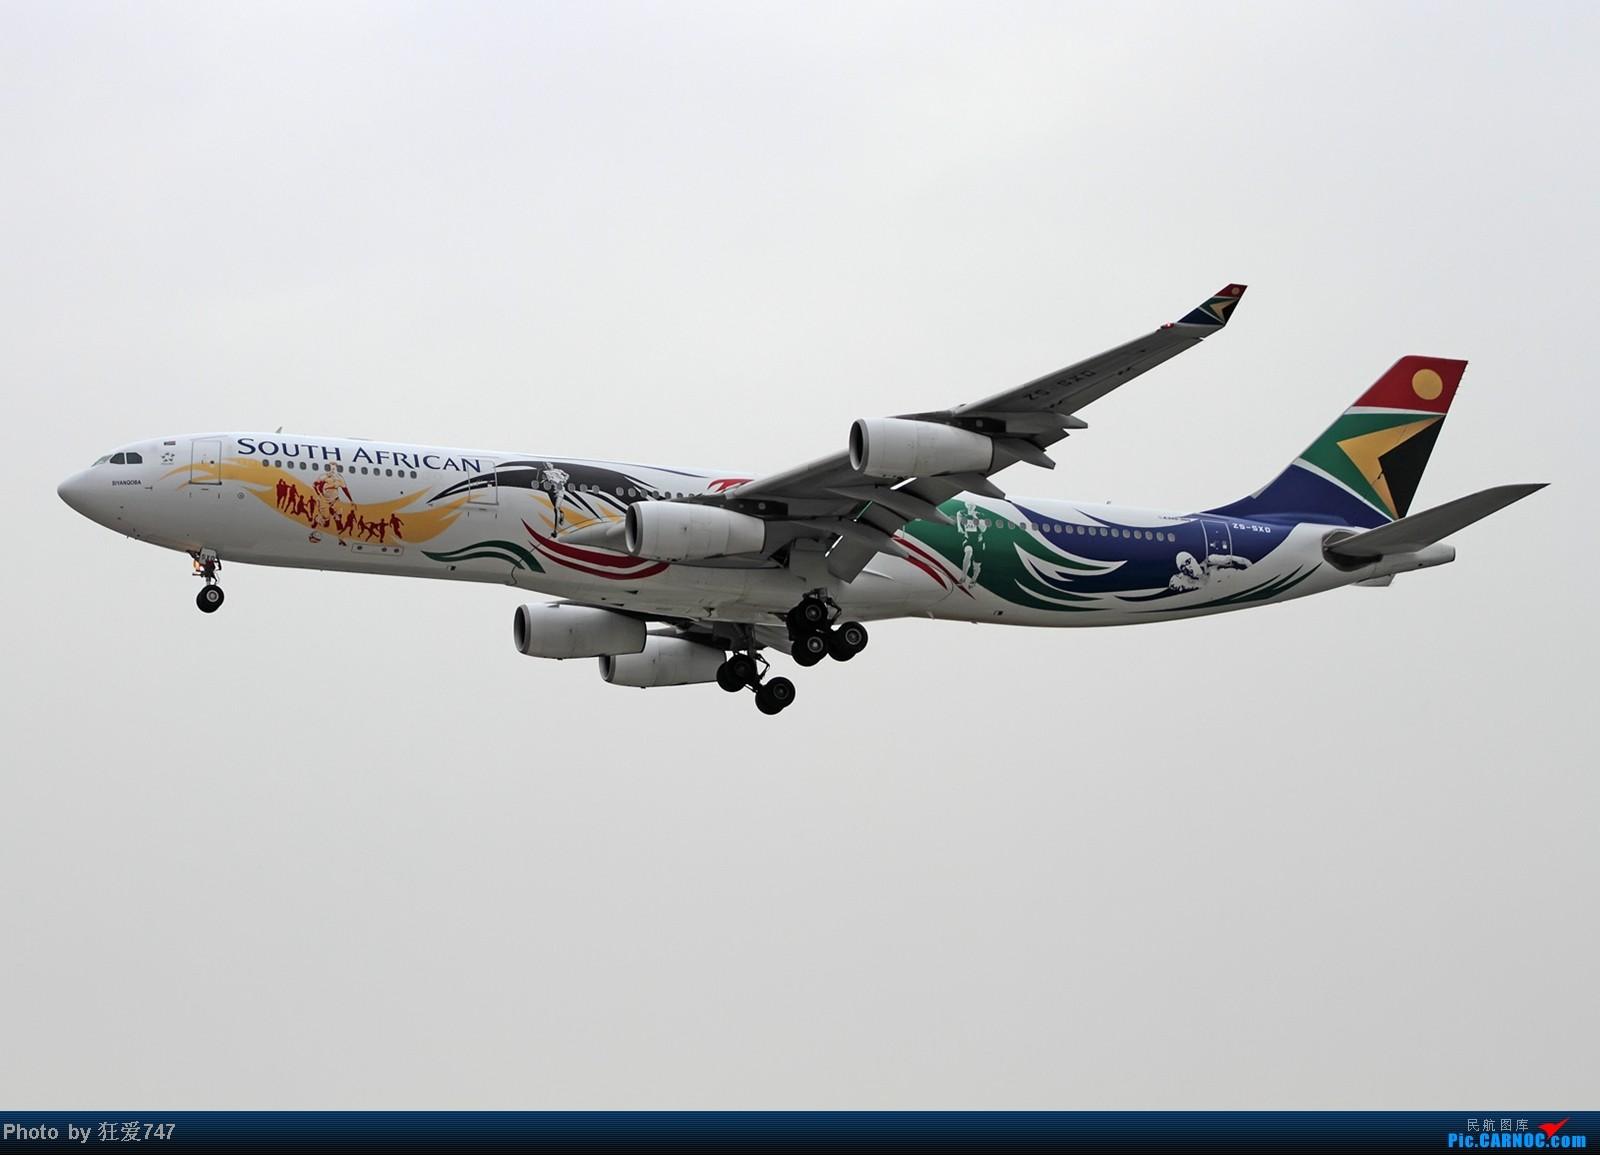 [原创]一张图:南非彩绘空客340-300 AIRBUS A340-300 ZS-SXD 中国北京首都机场